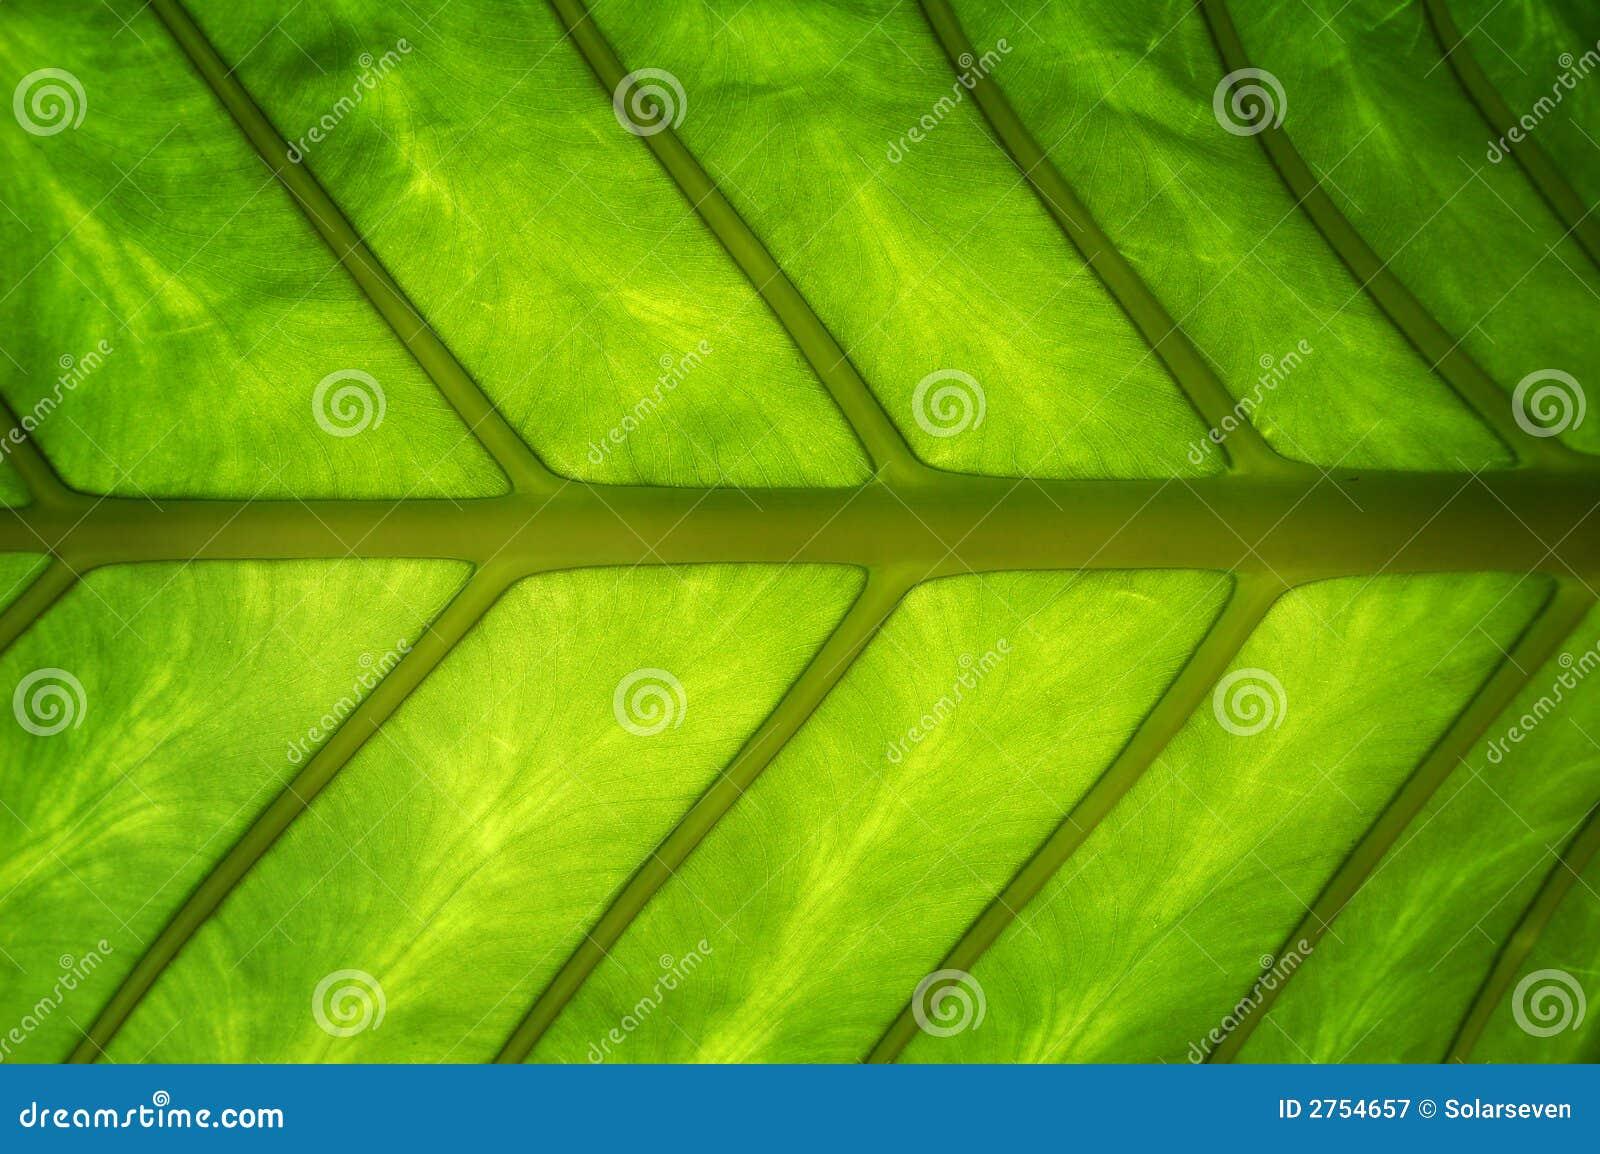 Green Healthy Leaf